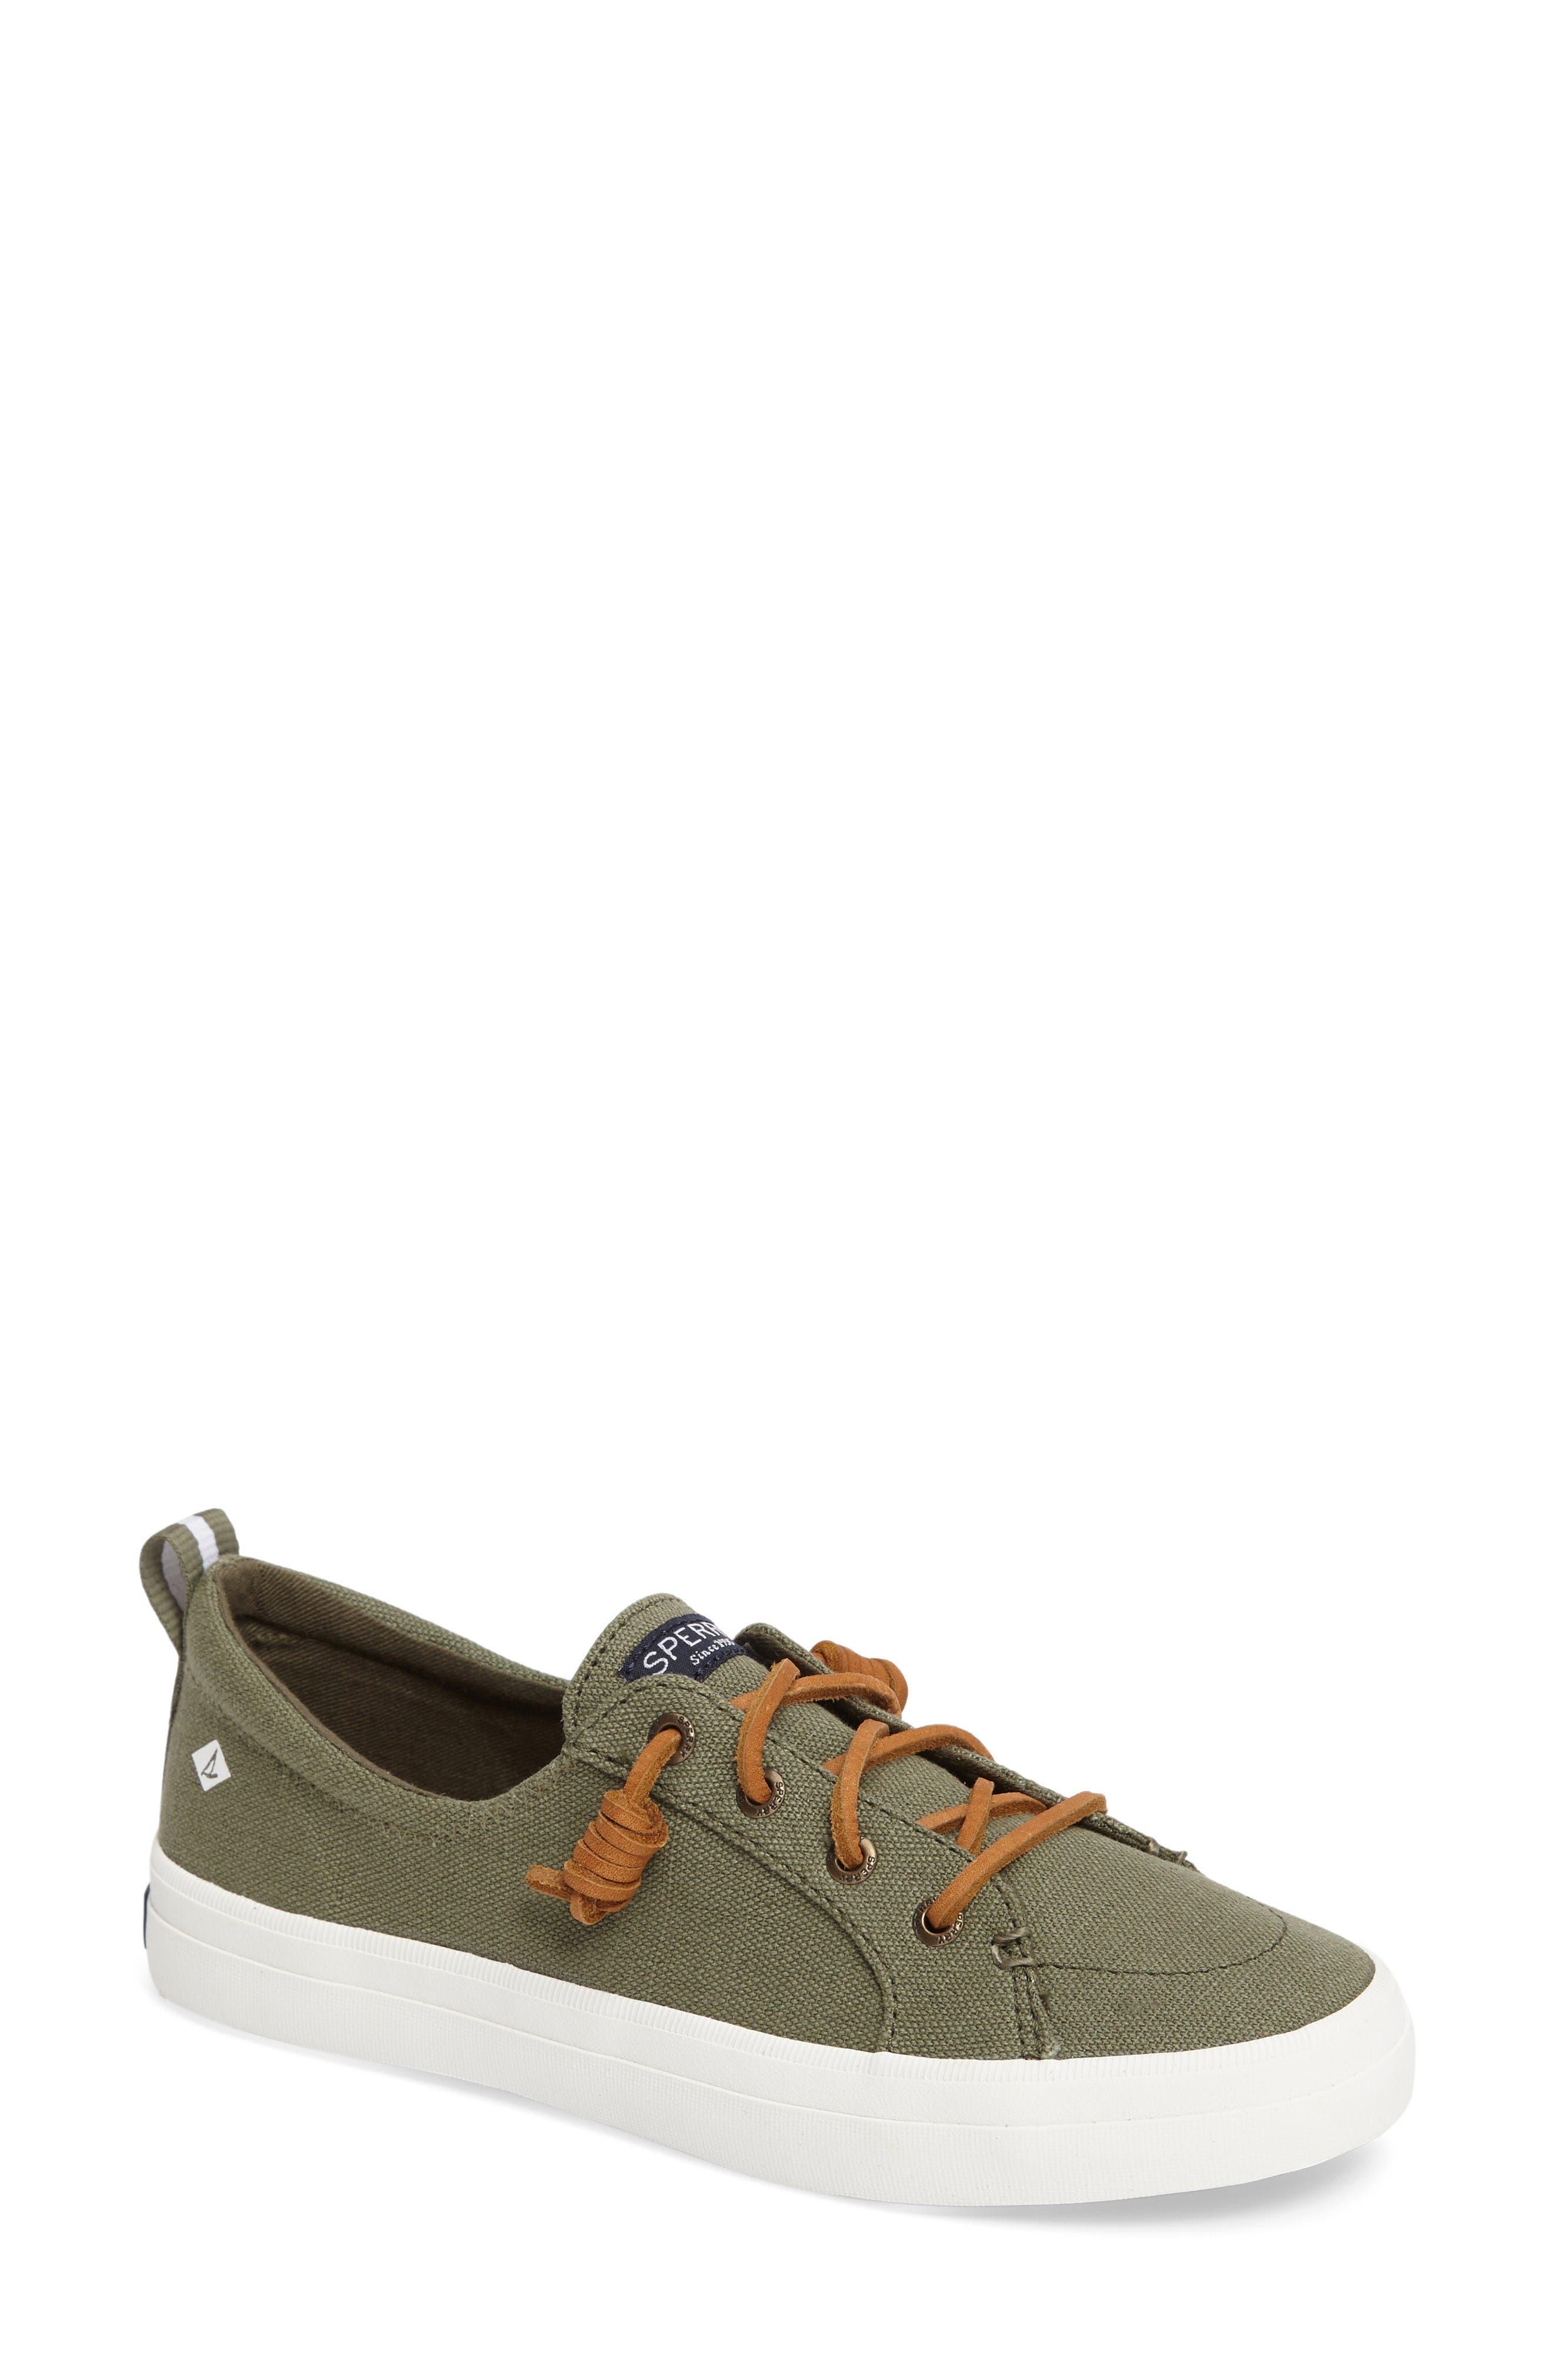 Main Image - Sperry Crest Vibe Slip-On Sneaker (Women)